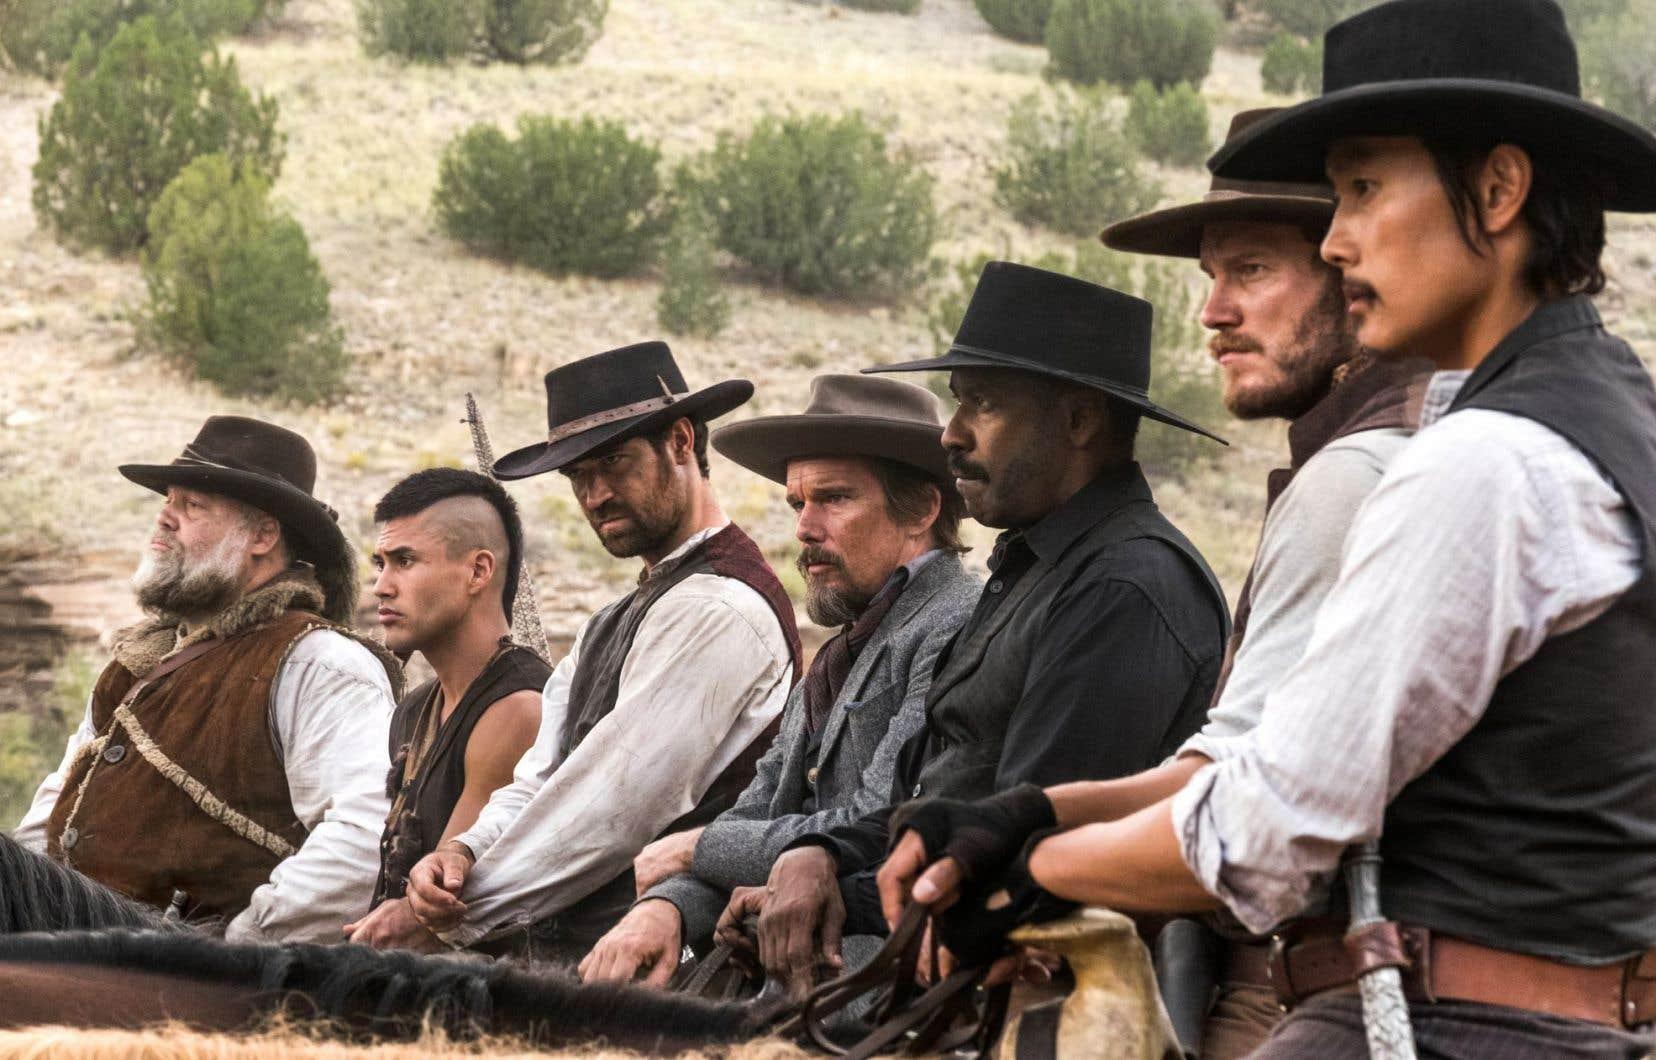 Place au film d'action et de testostérone truffé de «stars» qui livrent la marchandise, sans plus.